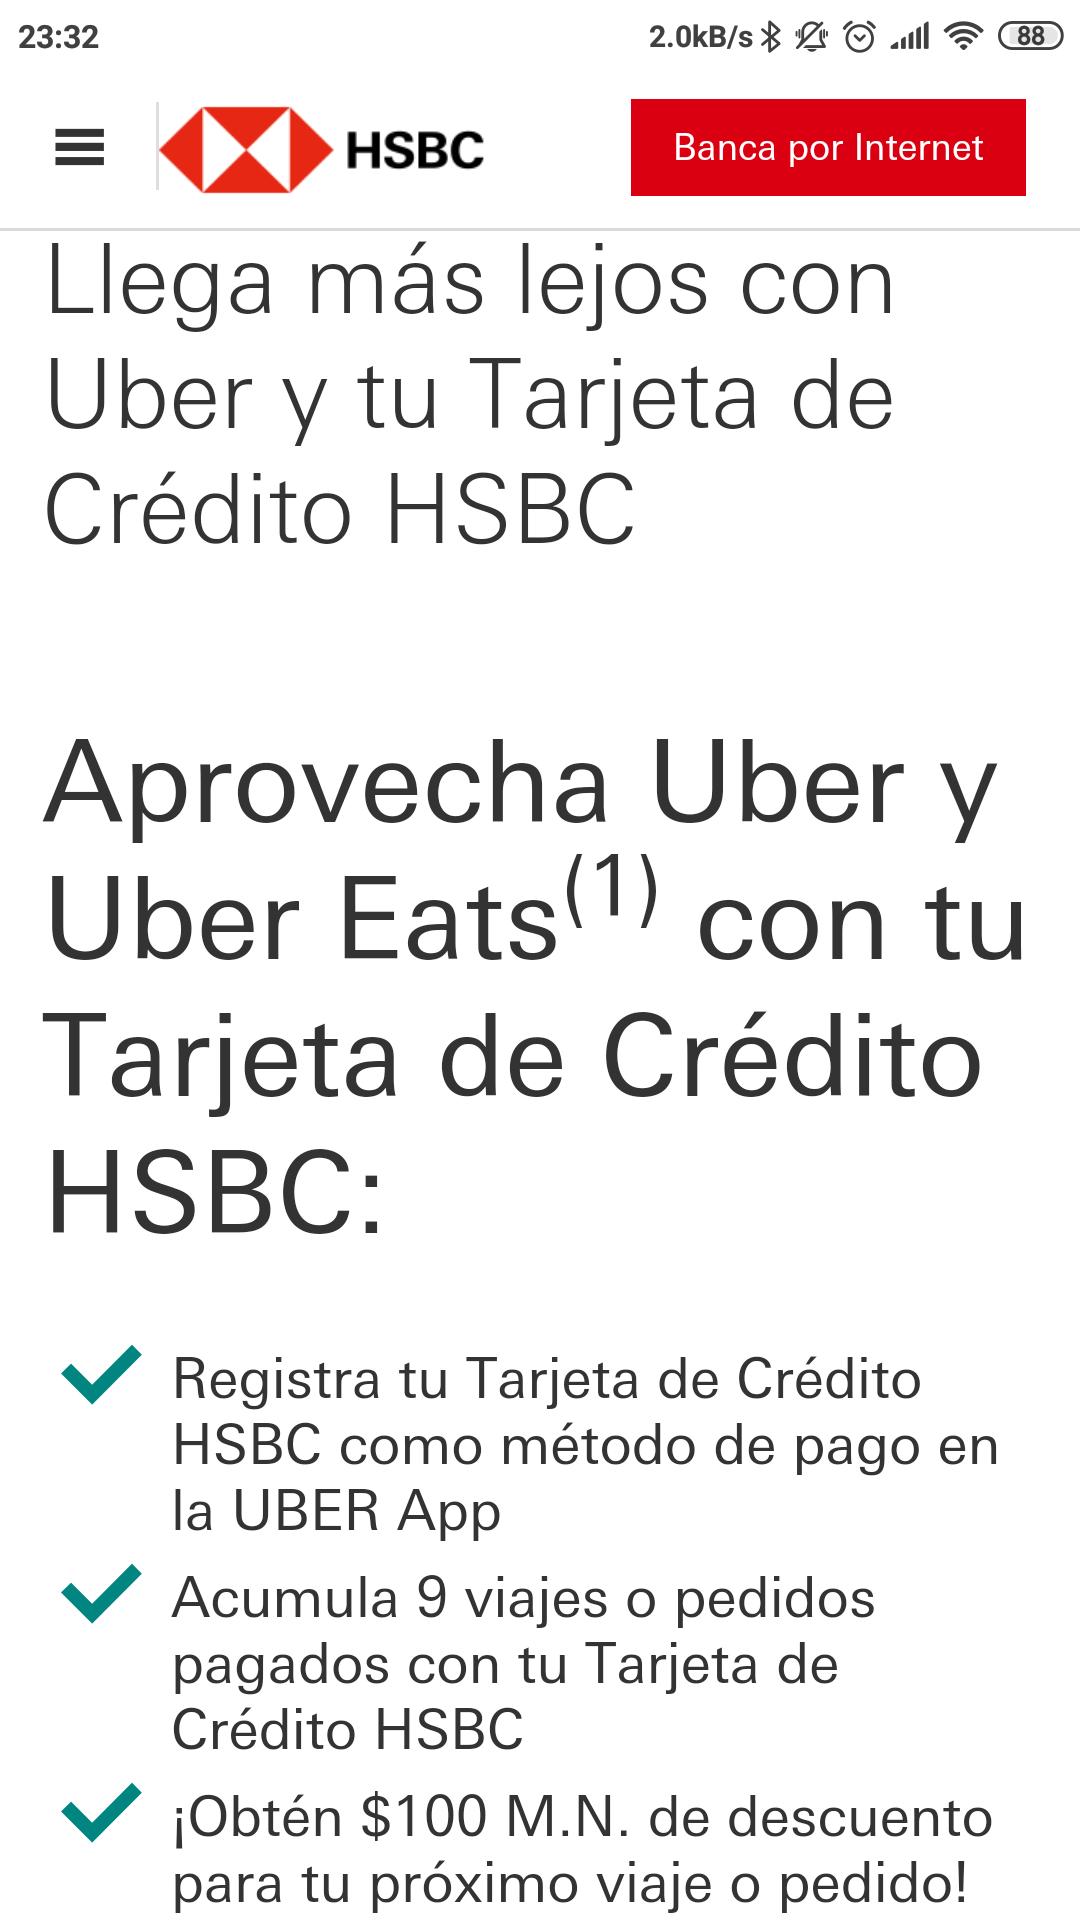 Uber y Uber Eats: Décimo viaje $100 de descuento pagando con HSBC